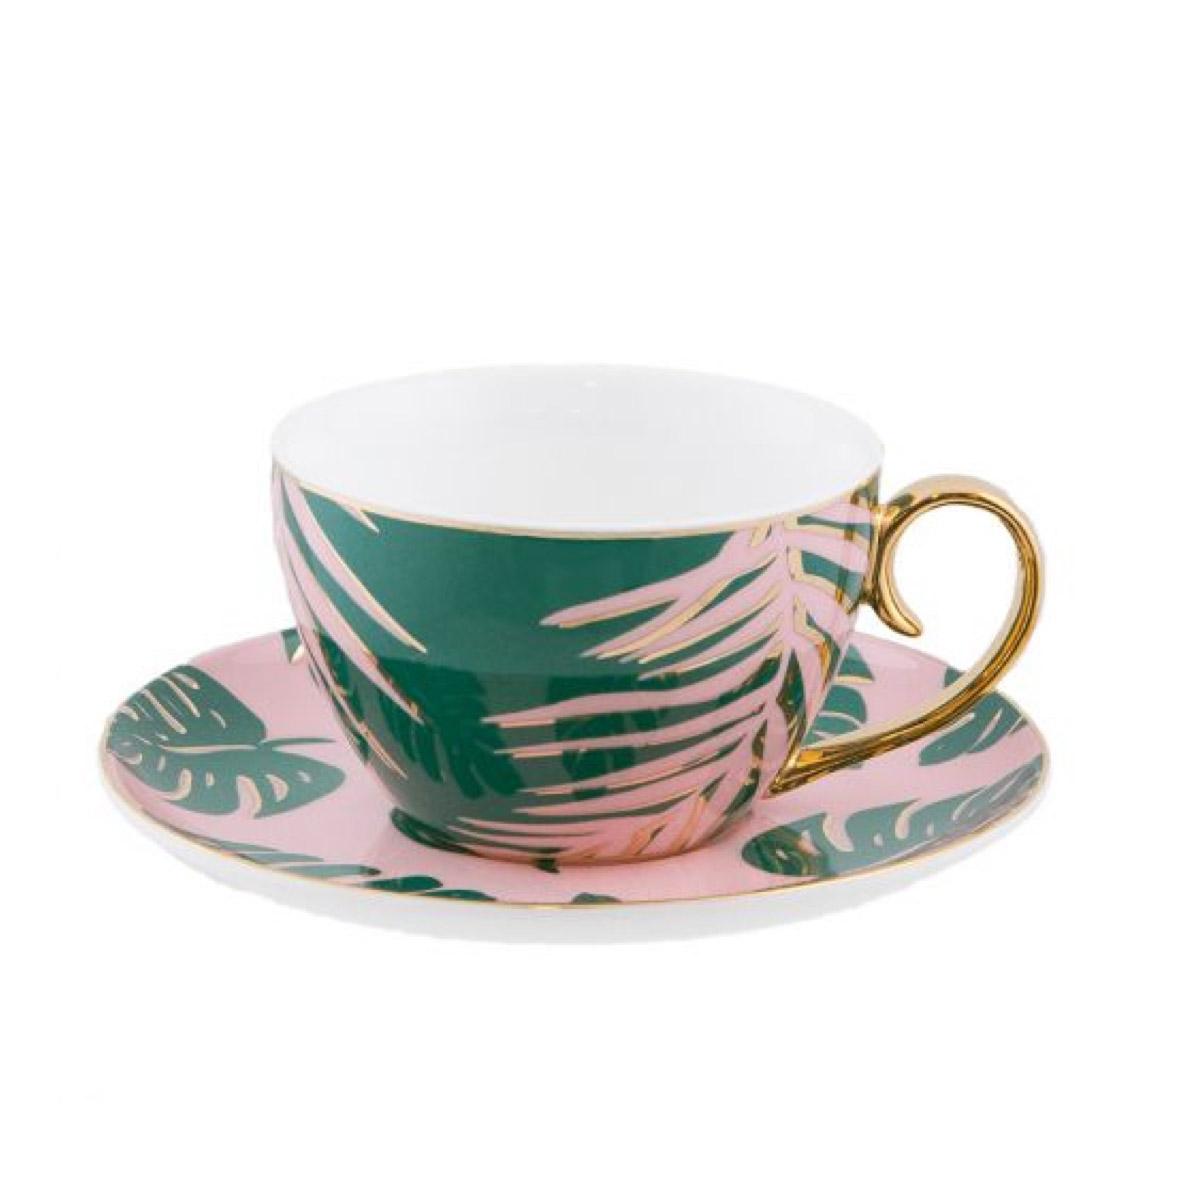 Emerald Island Tea Cup